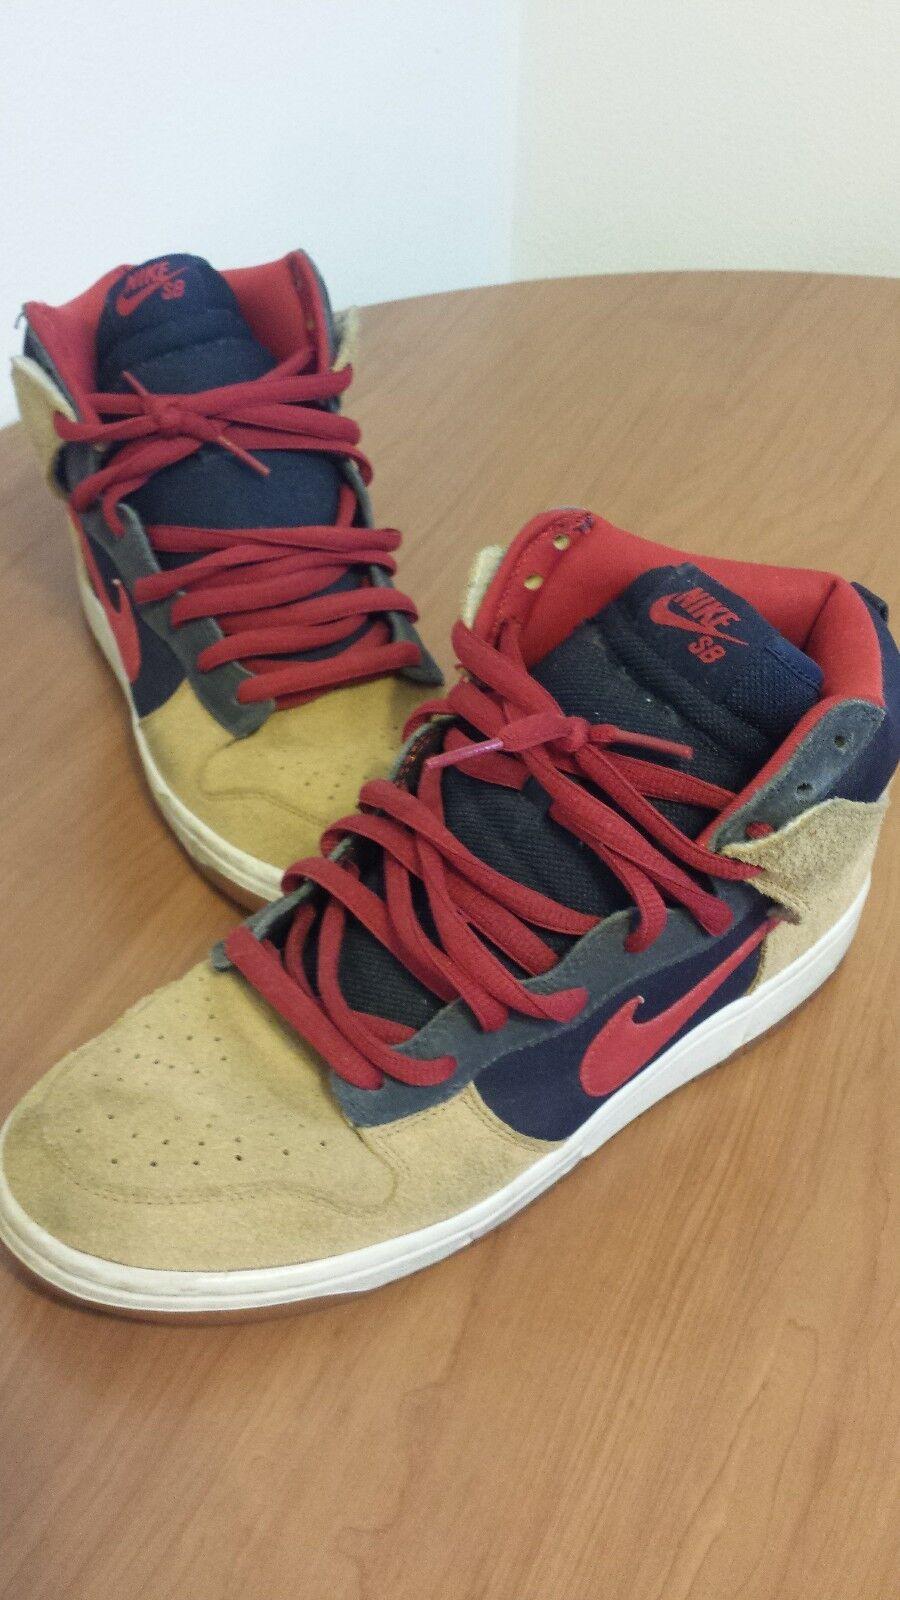 Nike sb hohe dunk größe 10 khaki - navy - - - blau - rot 3db2d8